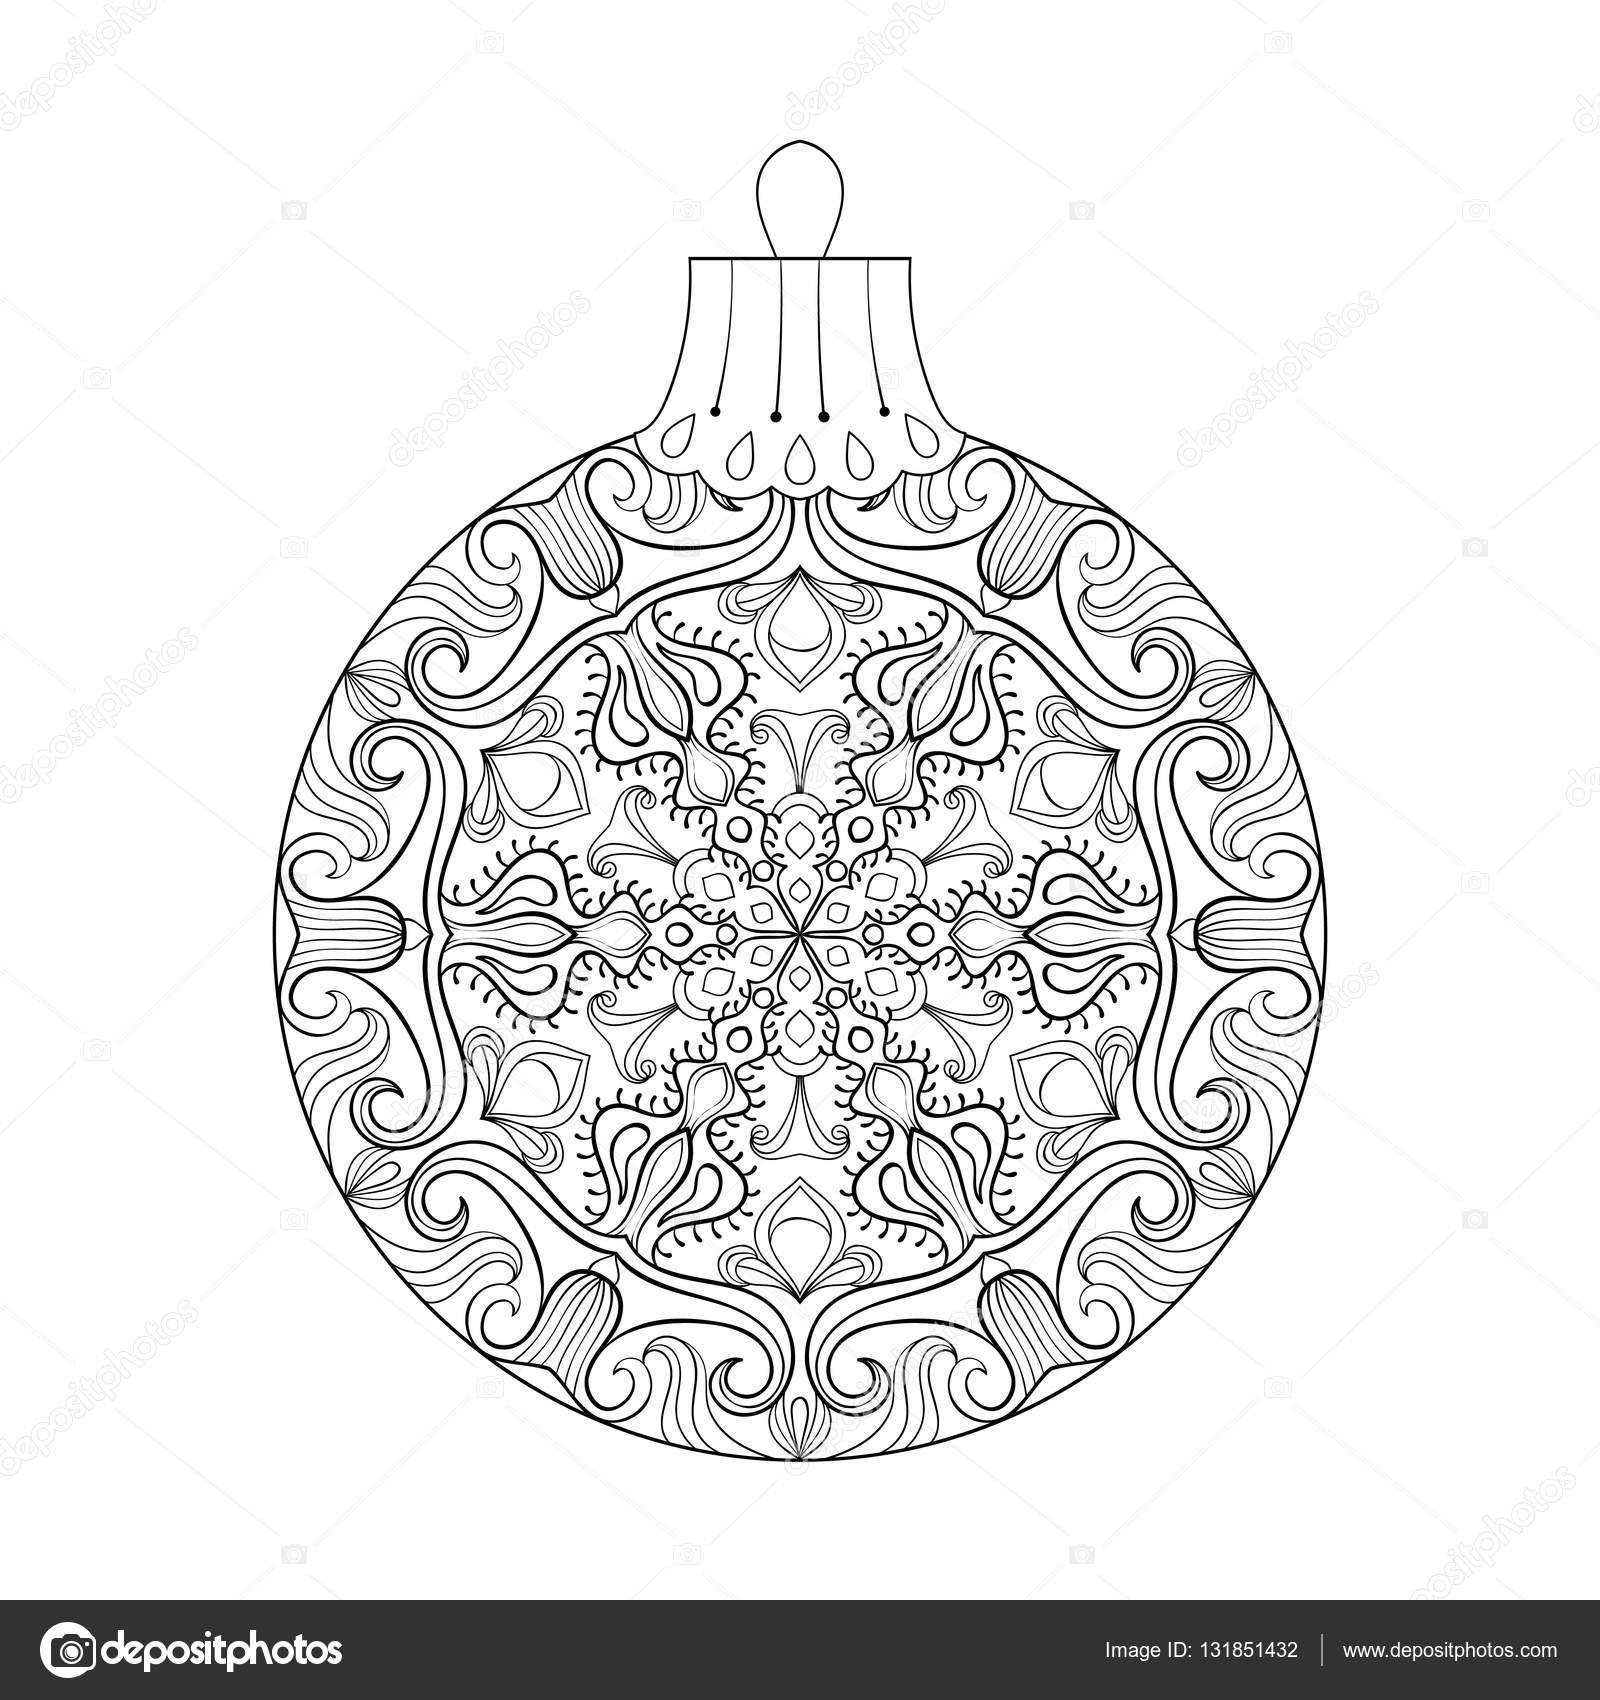 ヤドリギ、新年フリーハンド装飾要素でビンテージ ベクトル クリスマス ボール。功妙な柄の大人のぬりえのイラスト。書籍